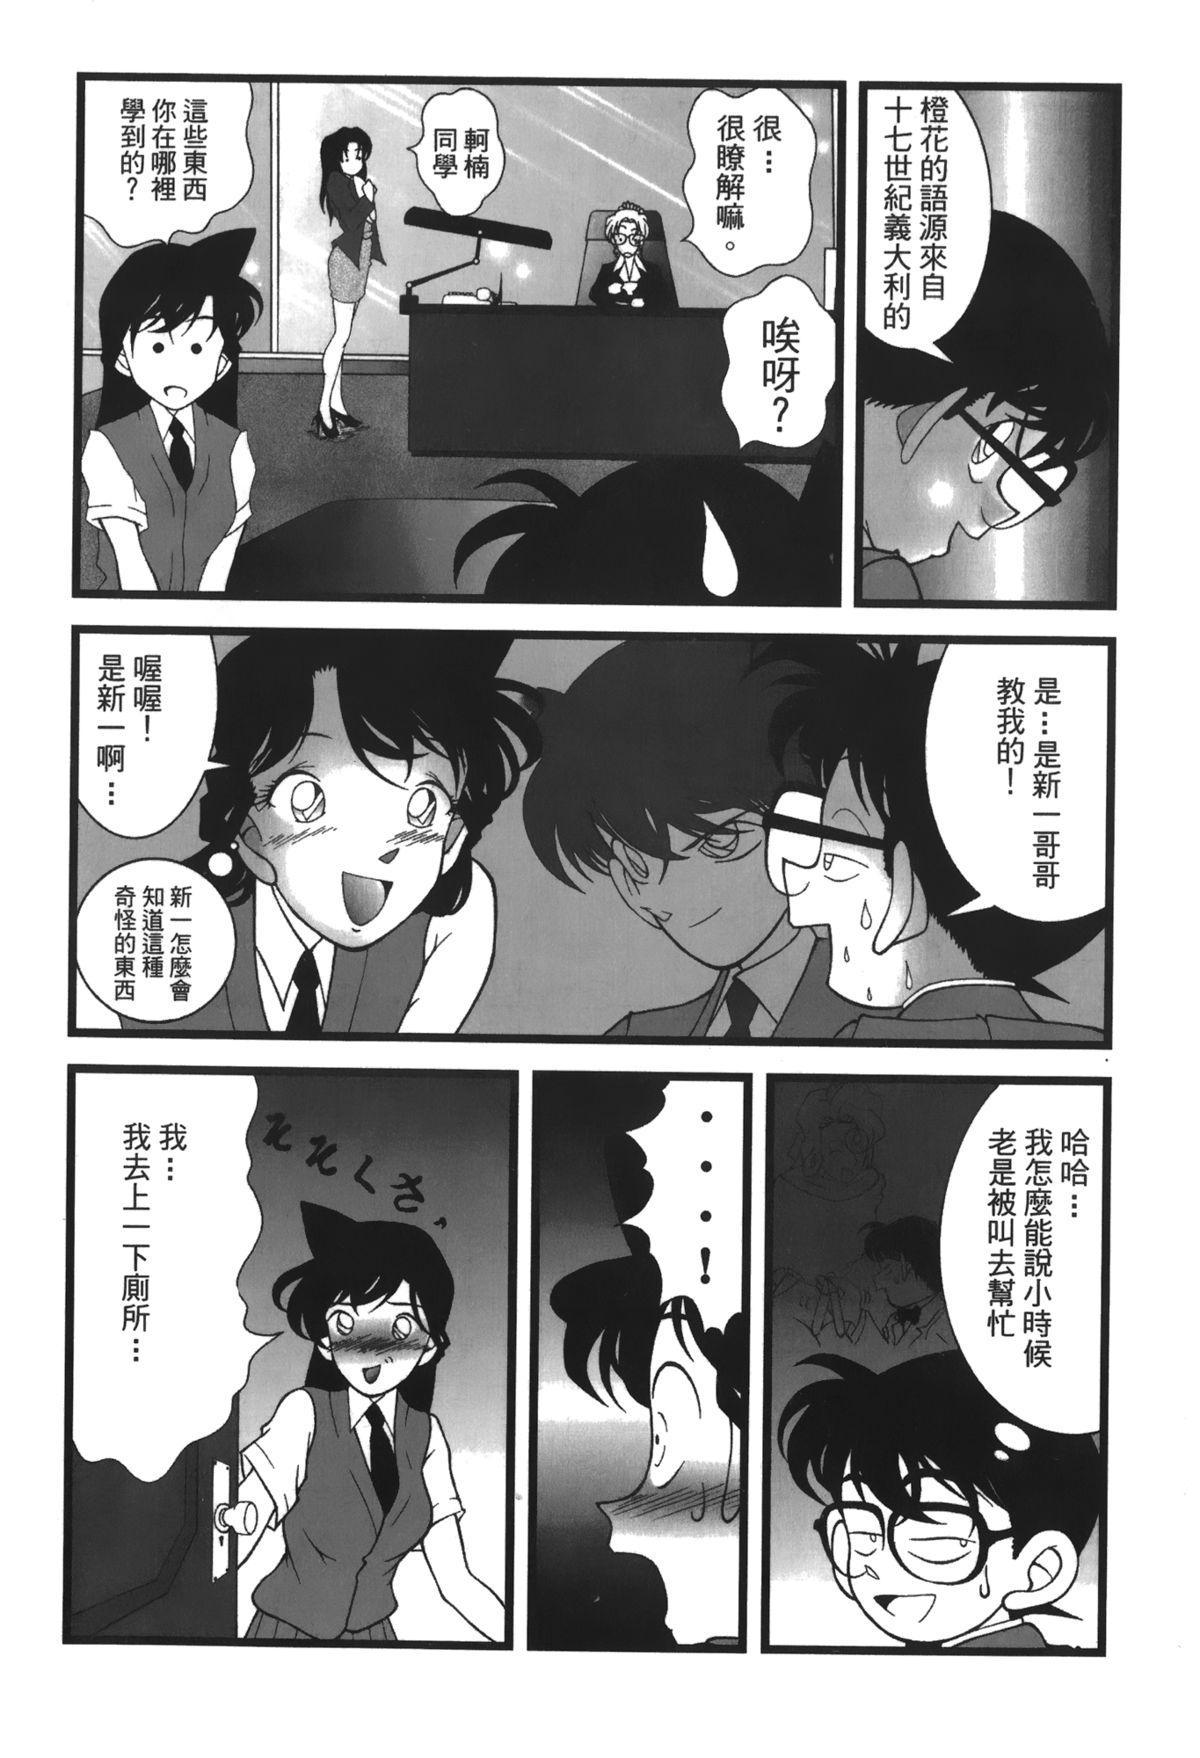 Detective Assistant Vol. 13 30